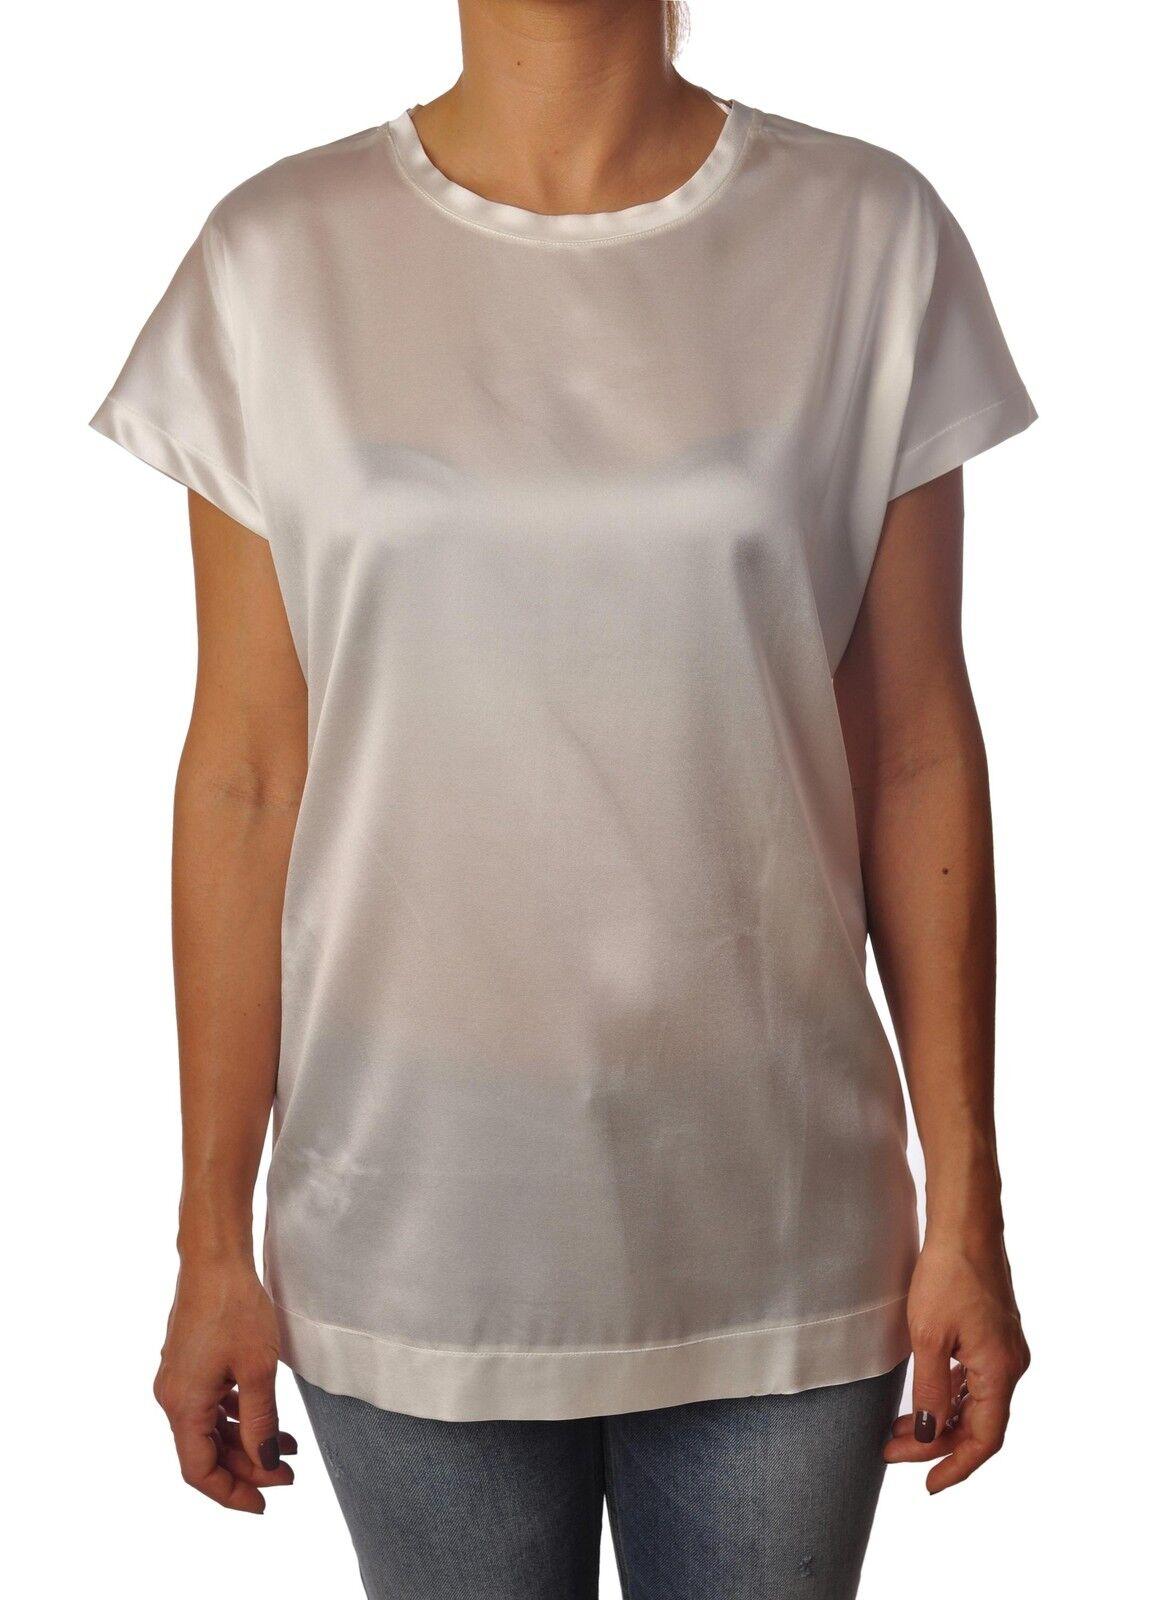 Rosao  -  Blause - damen - Bianco - 3790529A184114